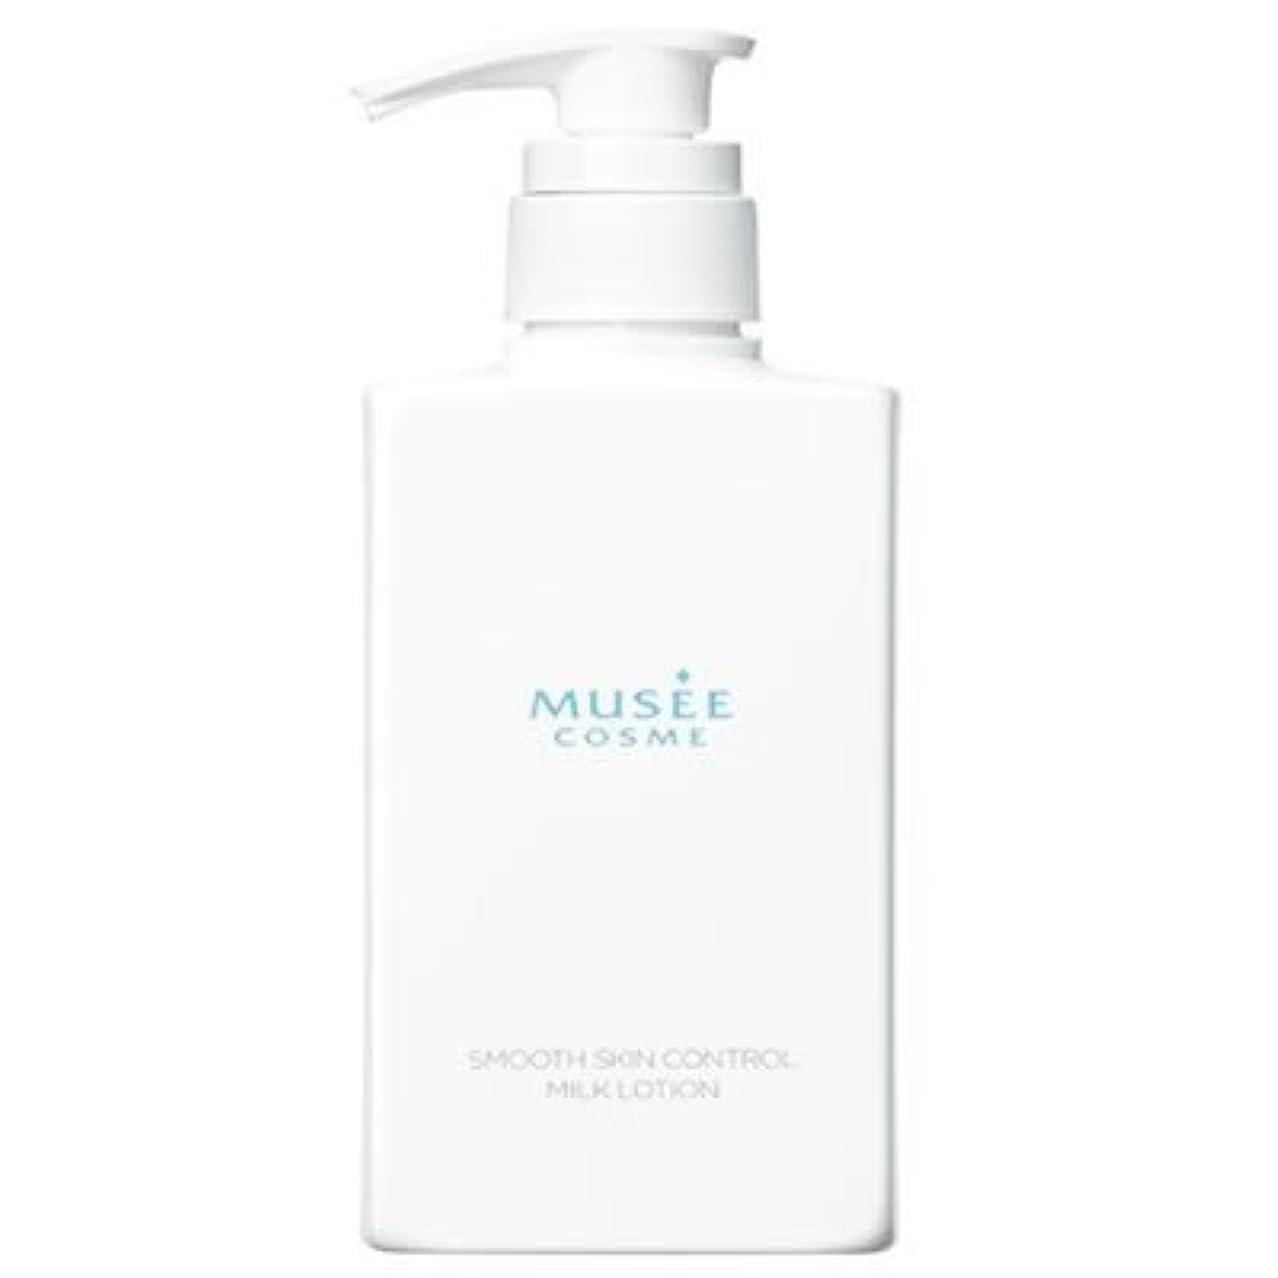 コンプリート平方移民ミュゼ 薬用スムーススキンコントロールミルクローション 300ml ホワイトジャスミンの香り [並行輸入品]